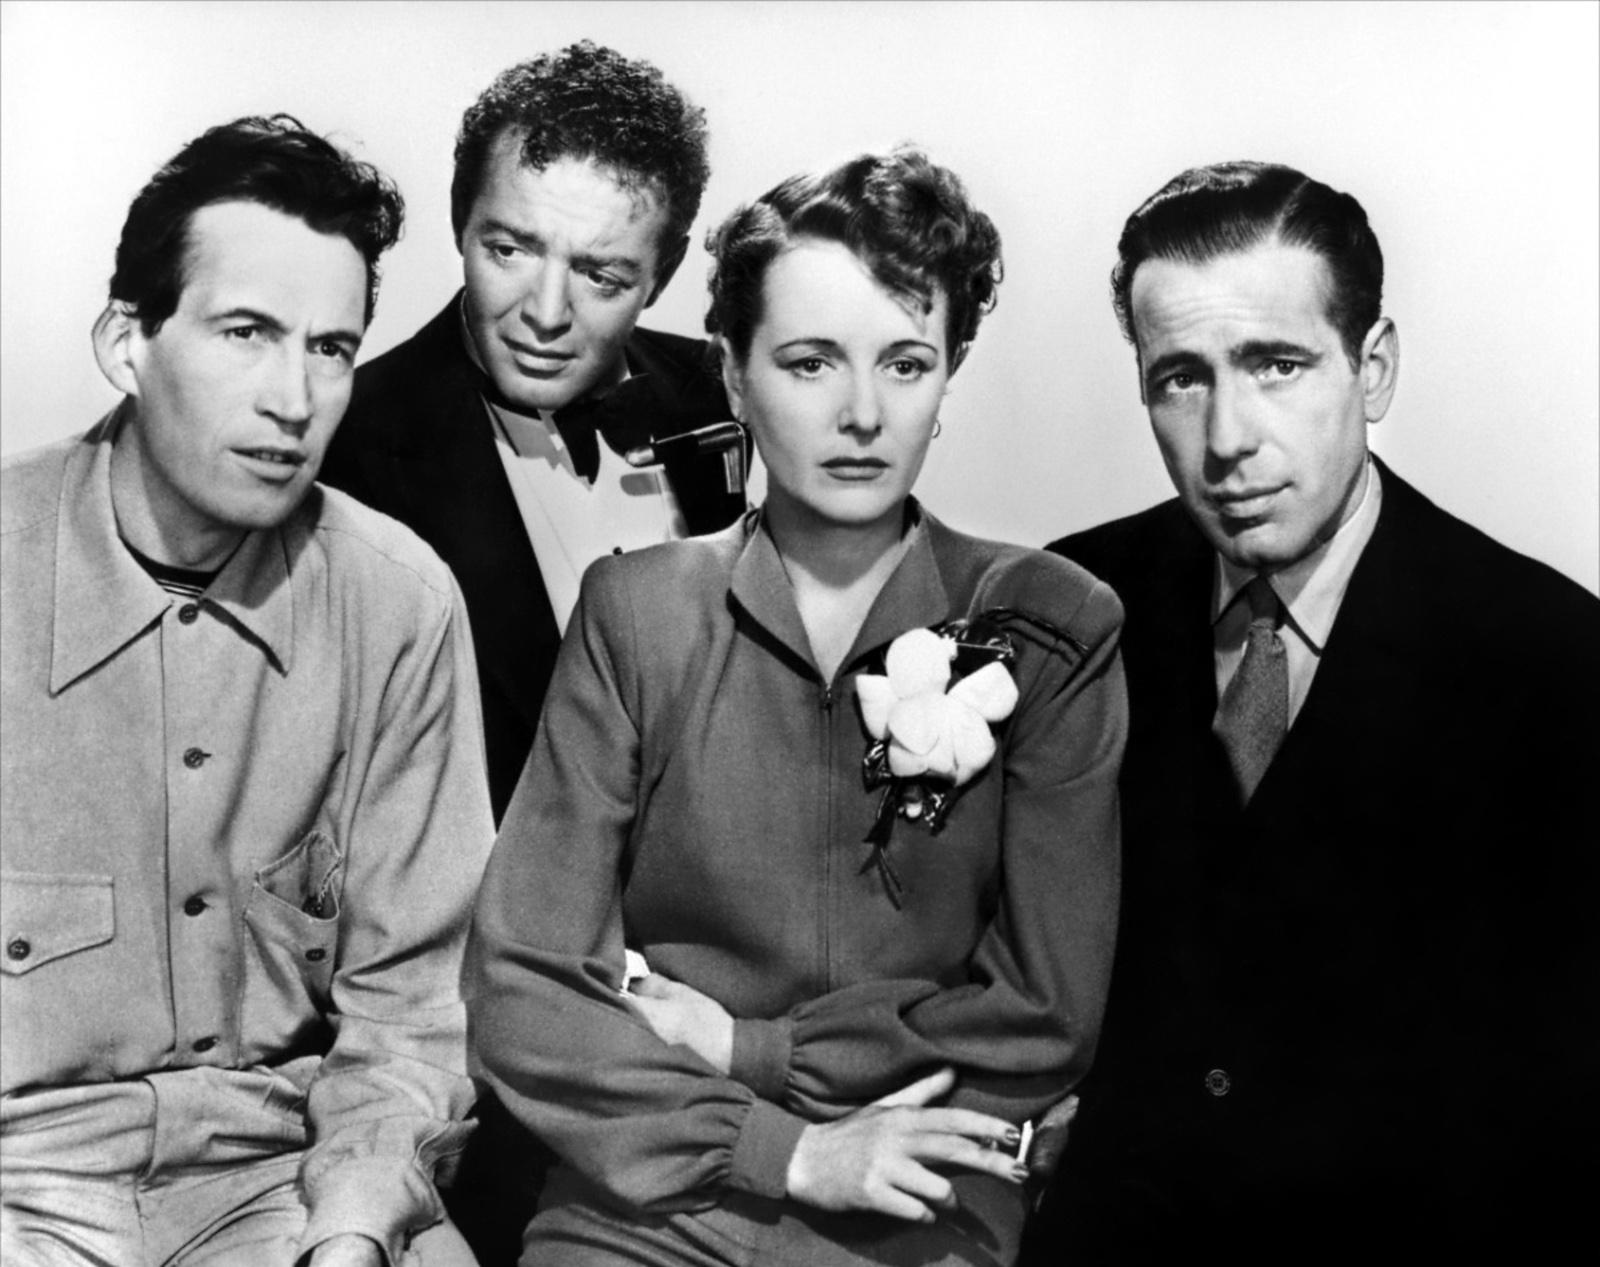 Слева направо: Джон Хьюстон, Петер Лорре, Мэри Астор, Хамфри Богарт